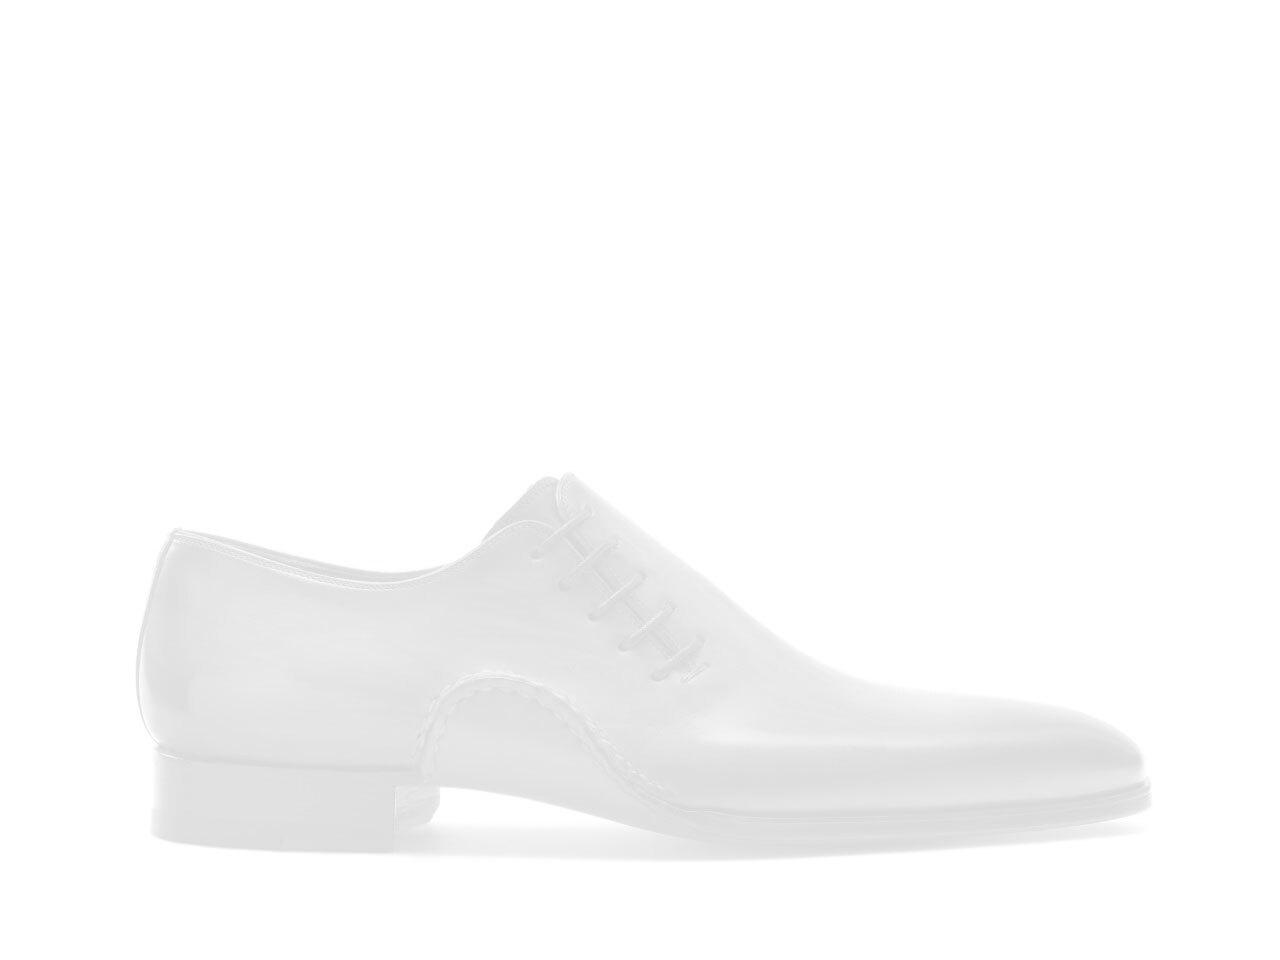 Black leather wholecut lace up shoes for men - Magnanni